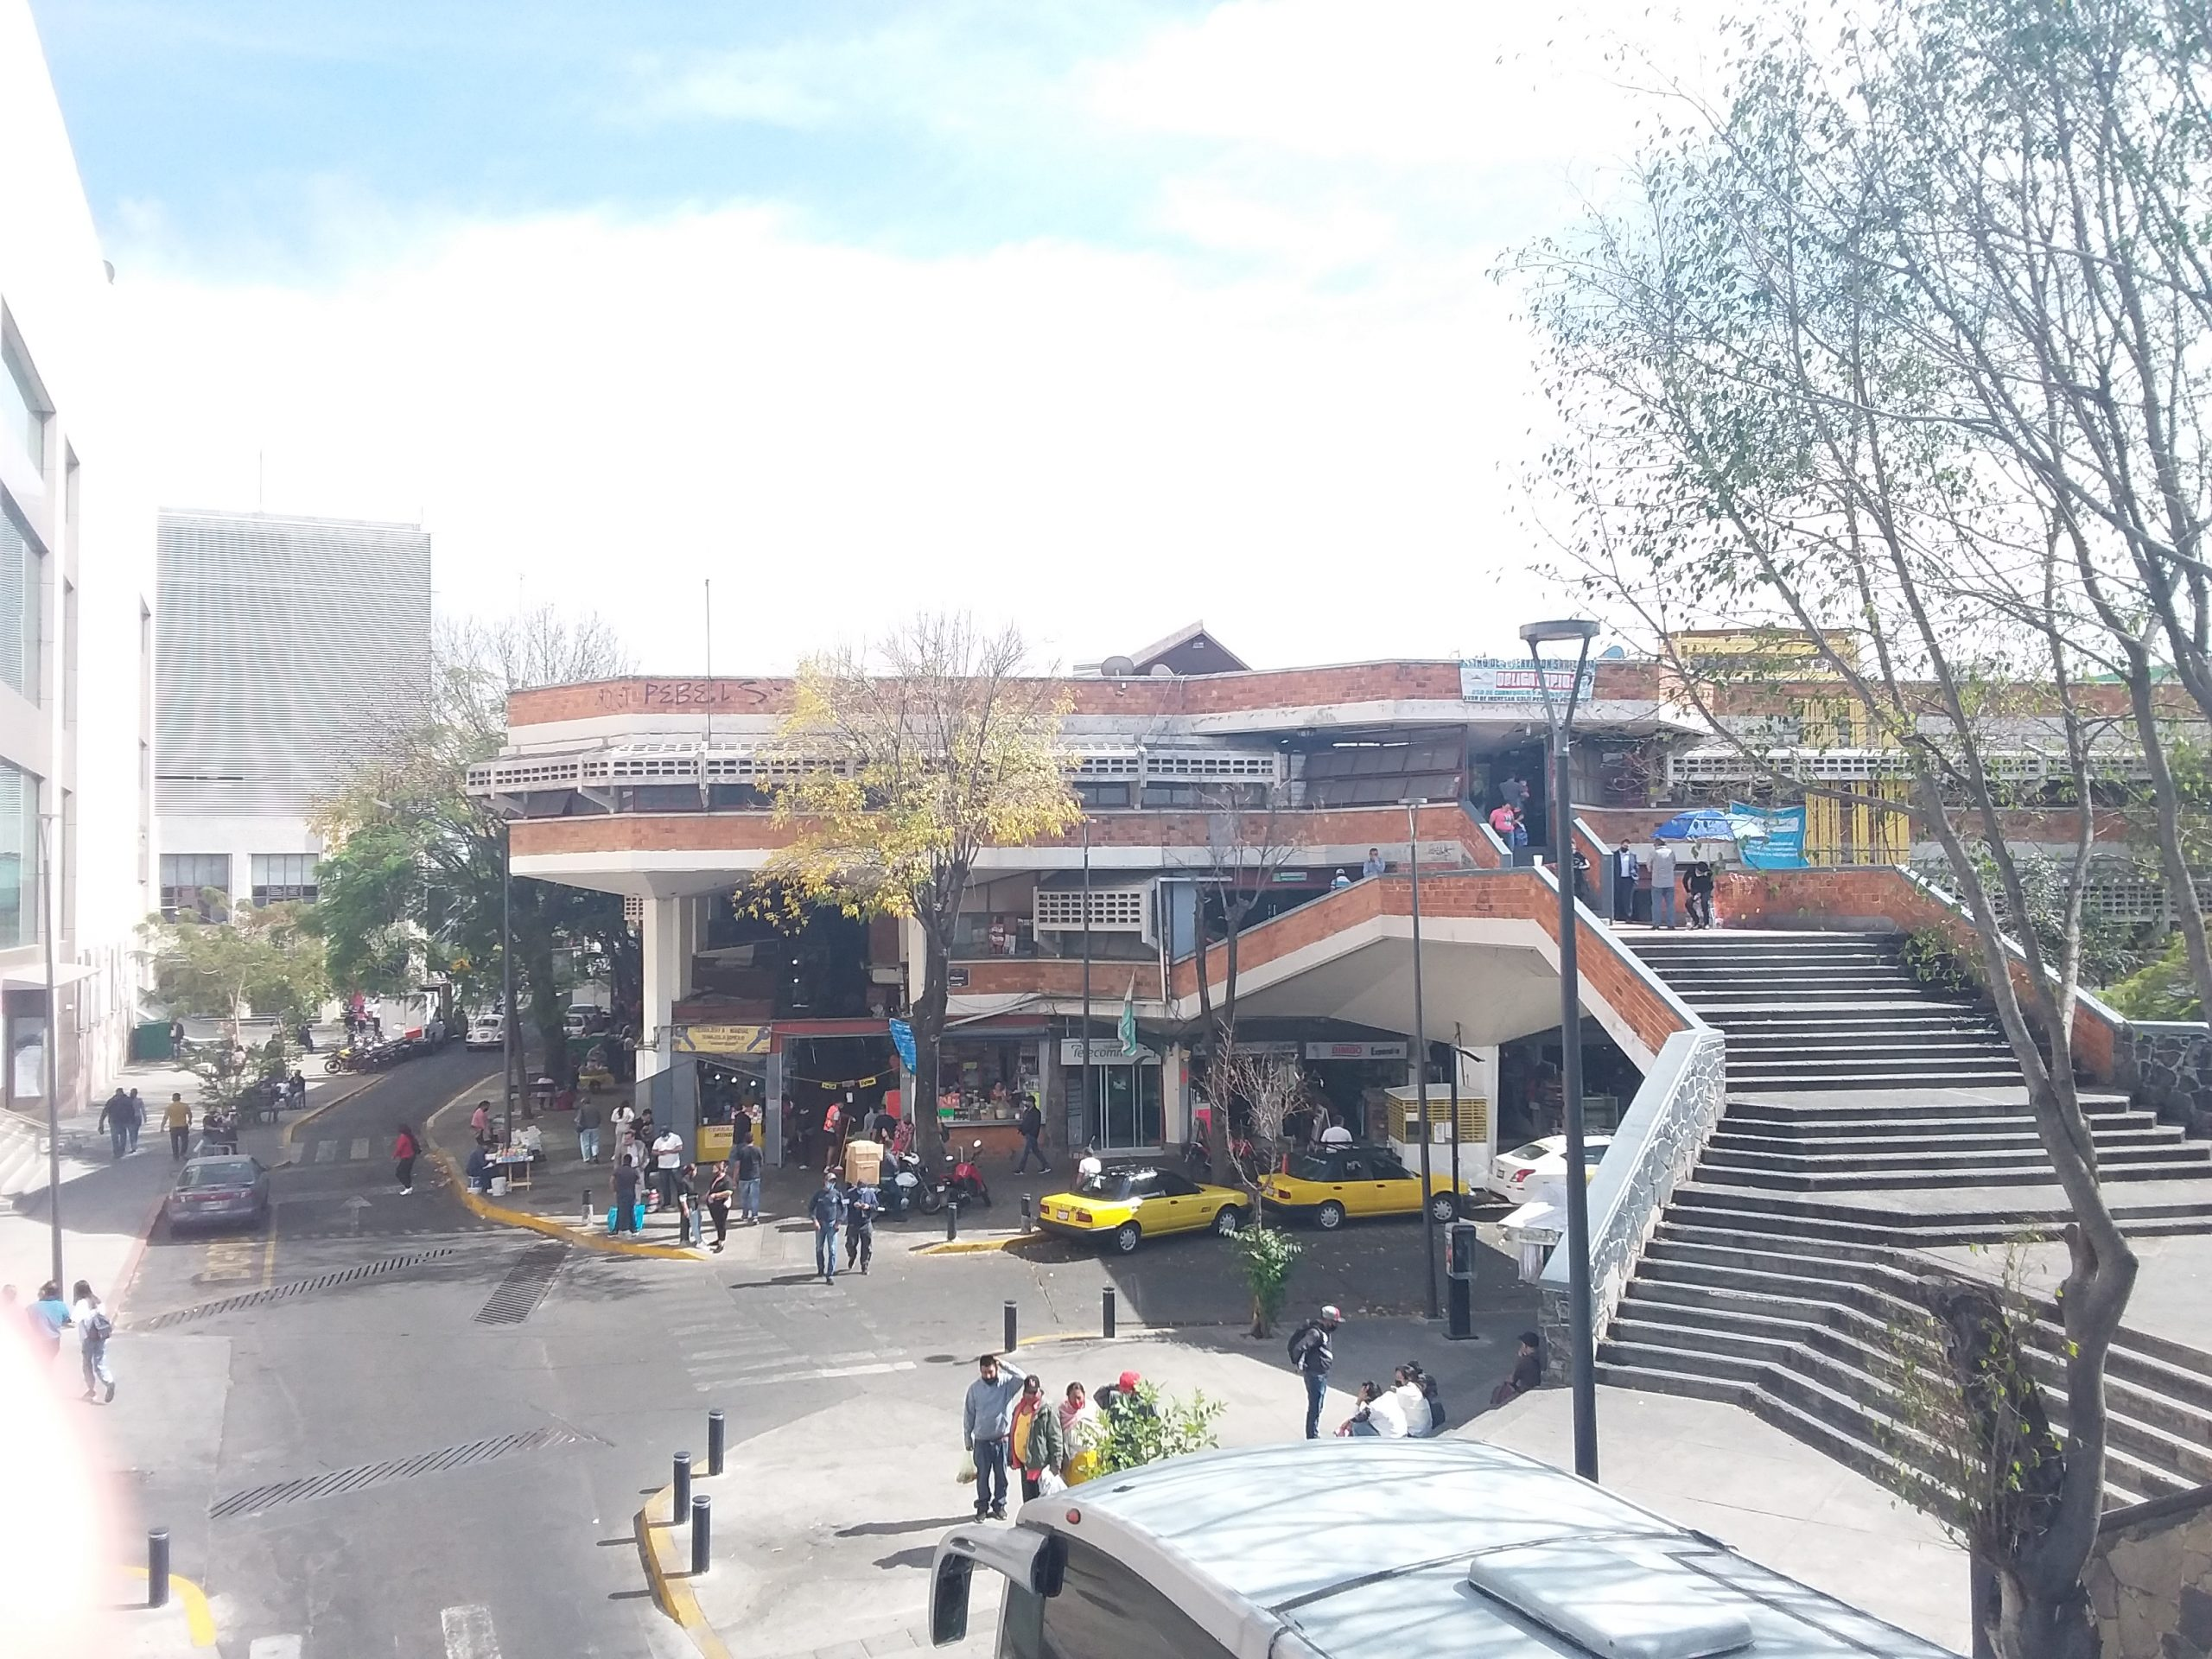 Mercado san juan dios